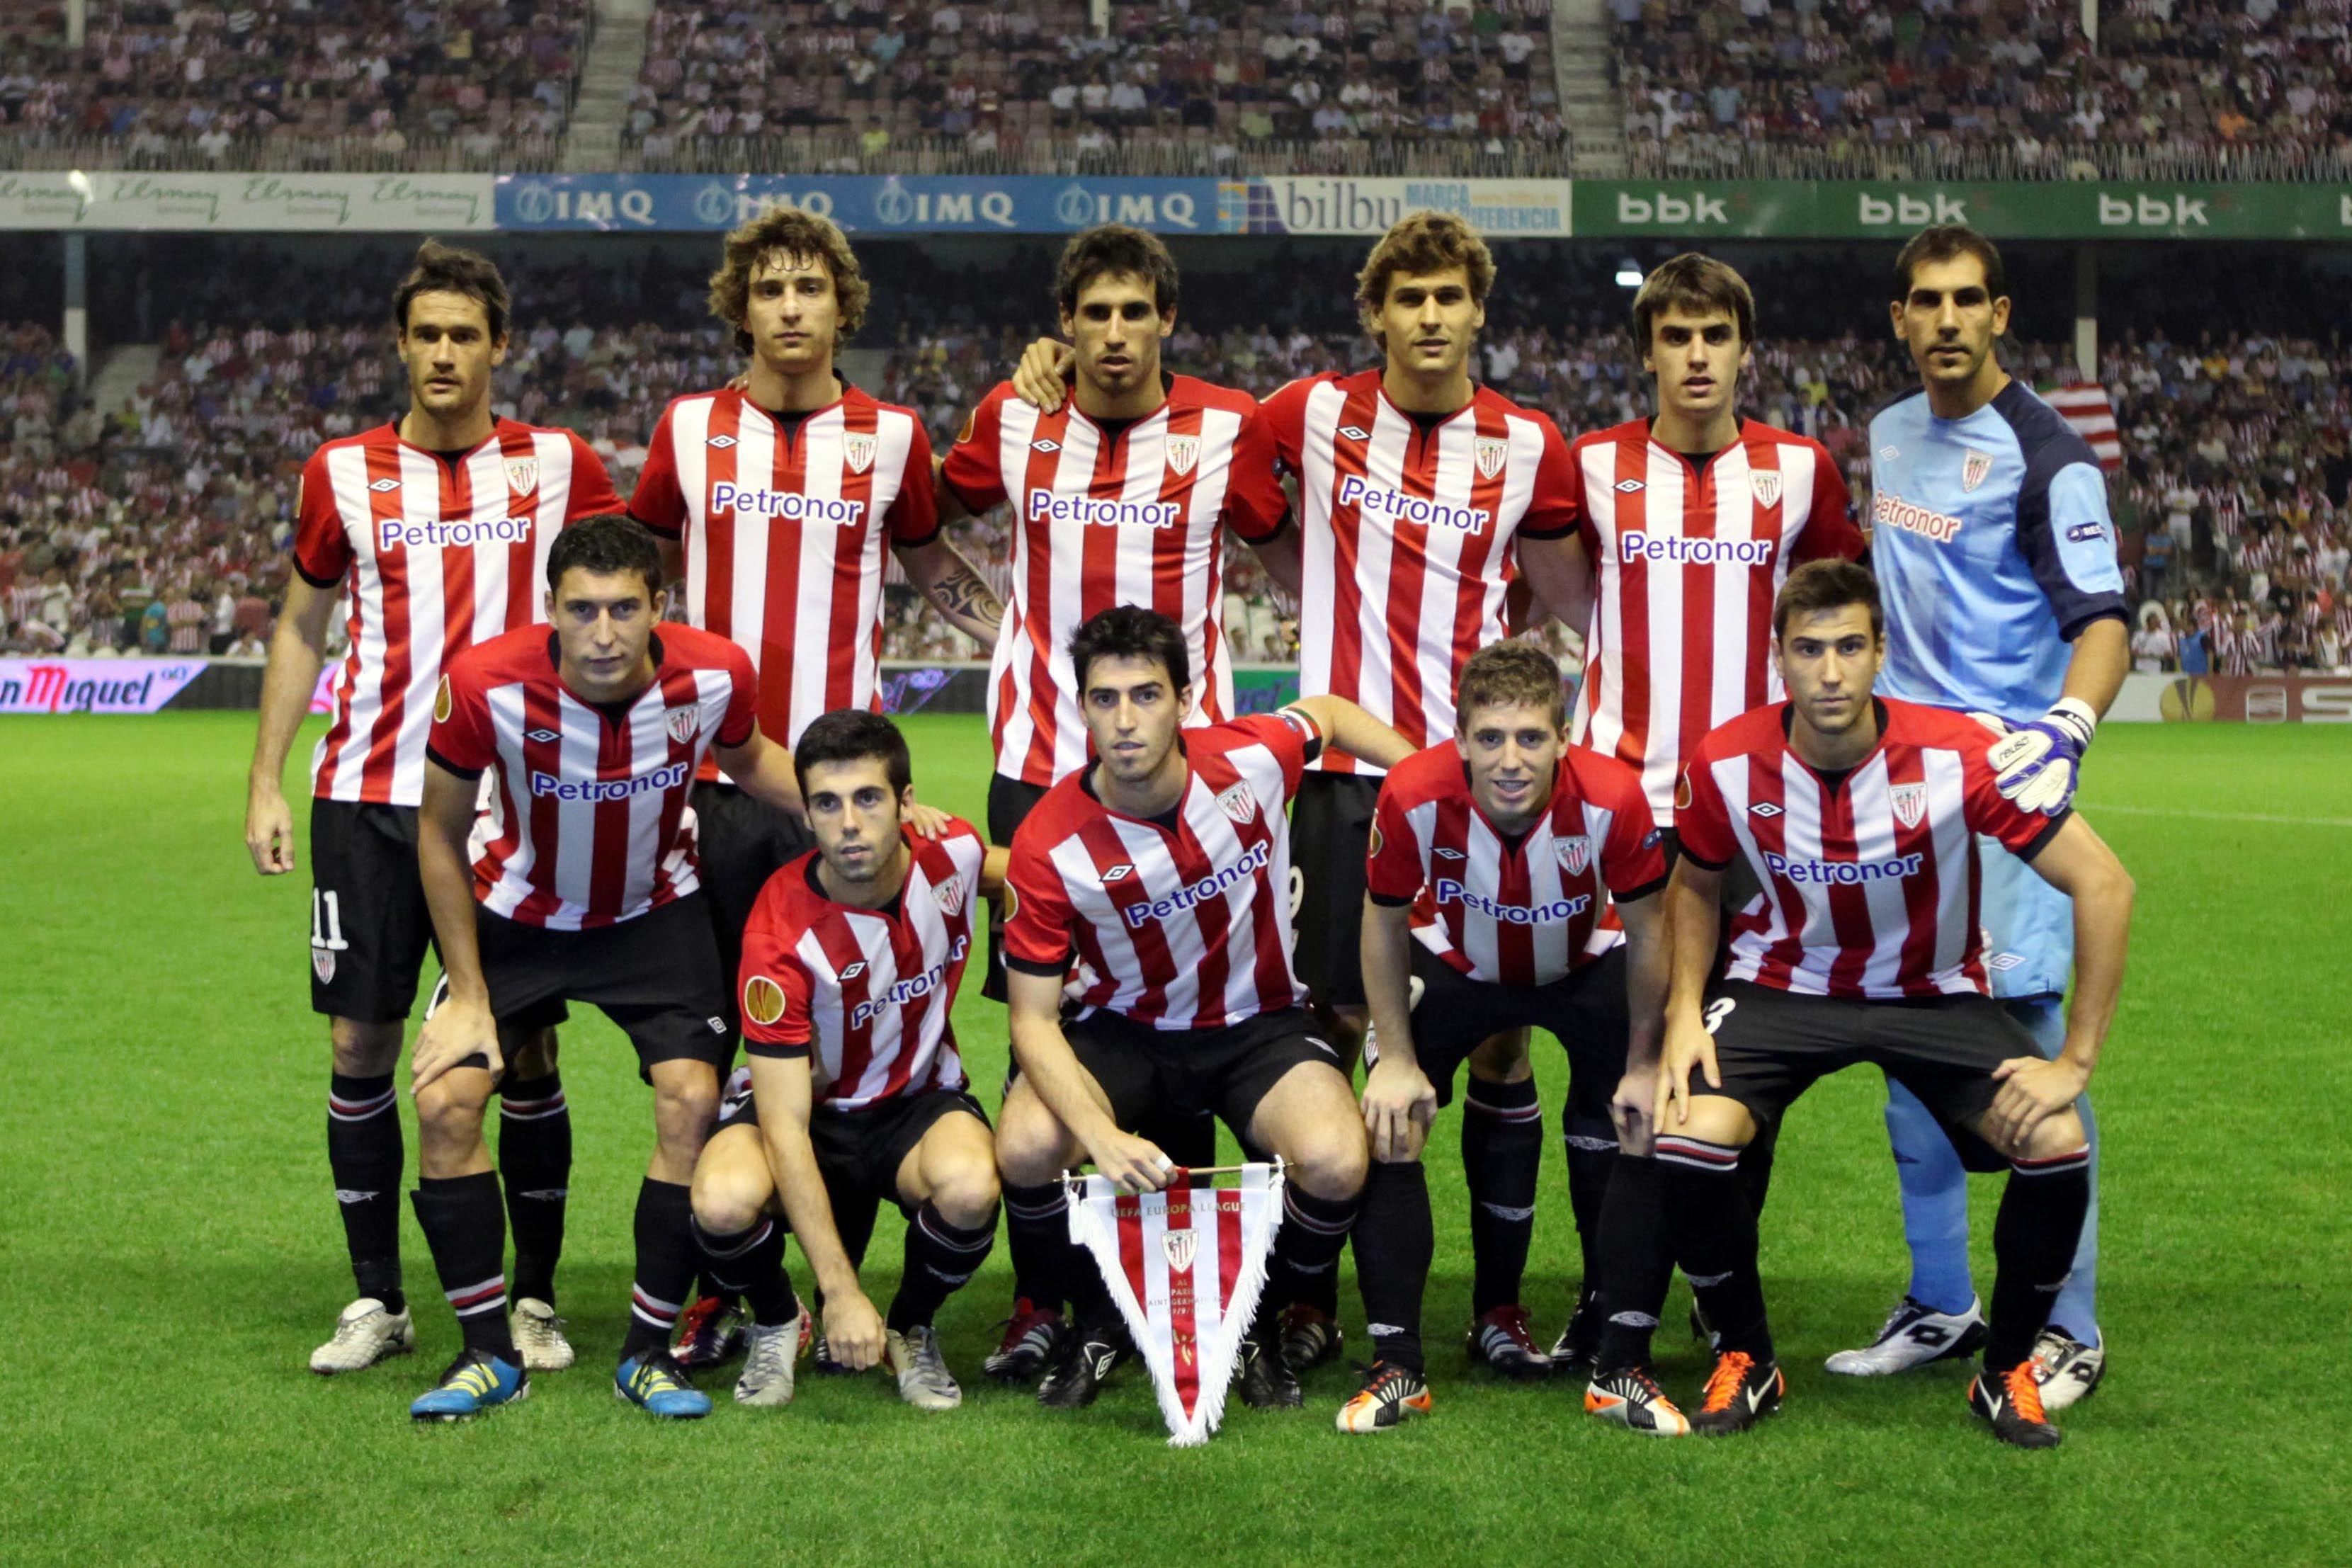 El Athletic Club de Bilbao de Fernando Llorente dirigido